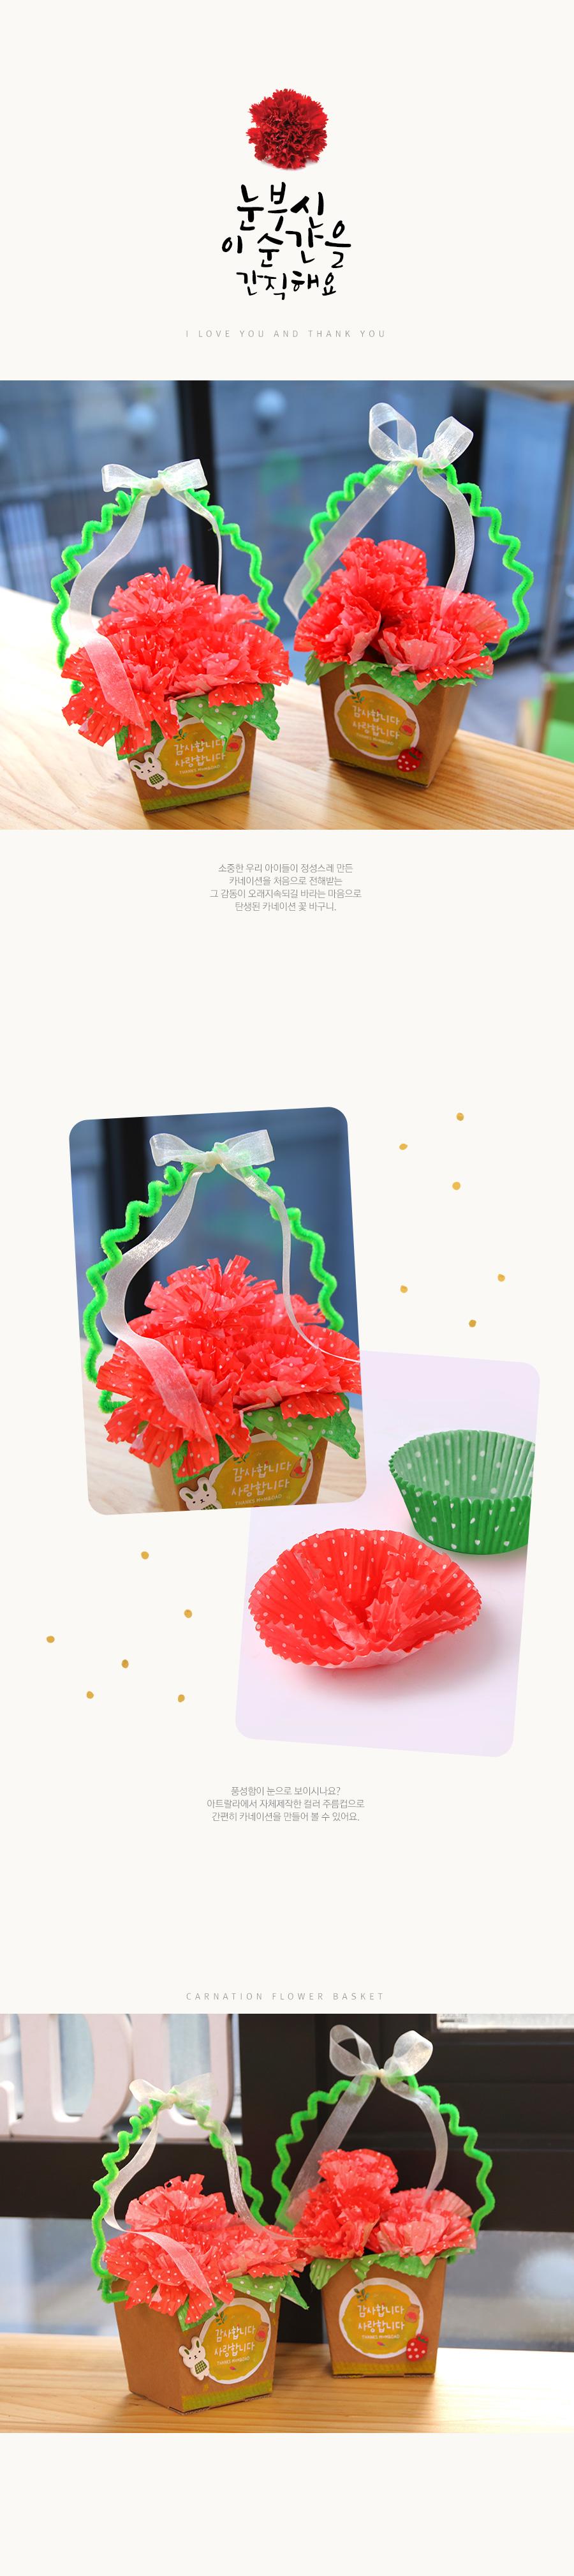 카네이션꽃바구니만들기(4인용) - 아트랄라, 8,200원, 미니어처 DIY, 미니어처 만들기 패키지